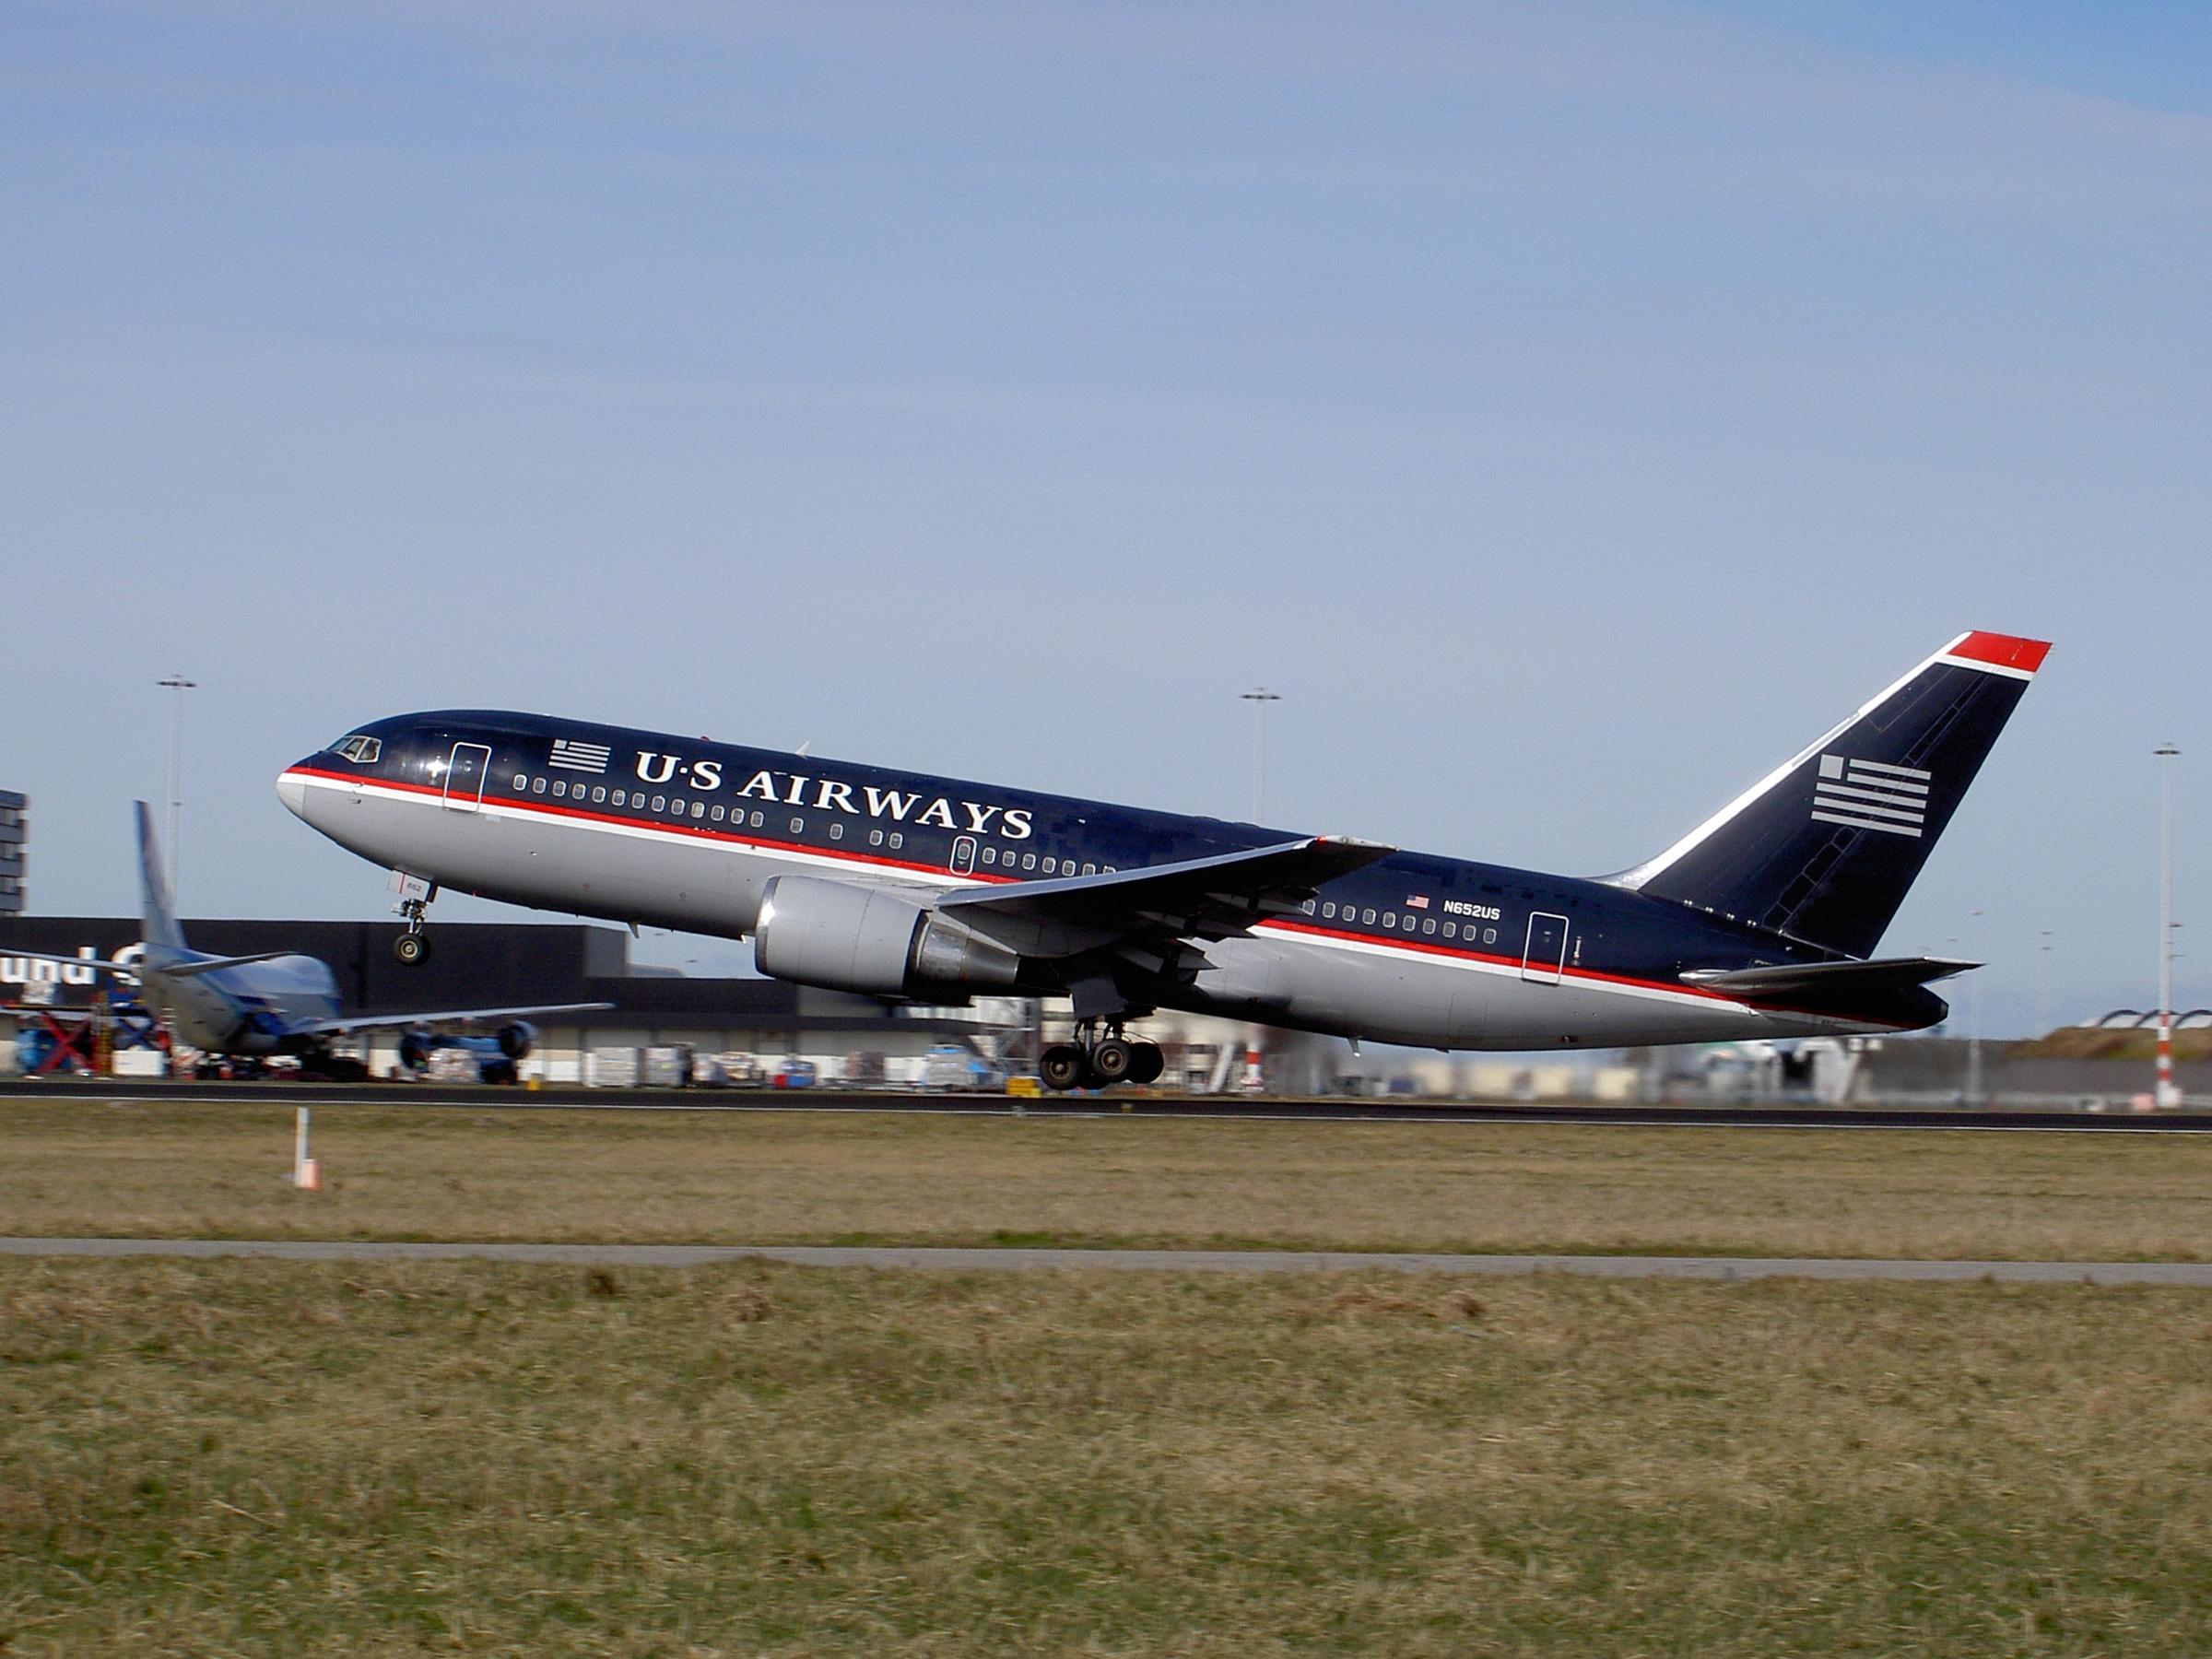 File:Boeing 767-2B7(ER) US Airways N652US.jpg - Wikimedia ...: https://commons.wikimedia.org/wiki/File:Boeing_767-2B7(ER)_US_Airways_N652US.jpg